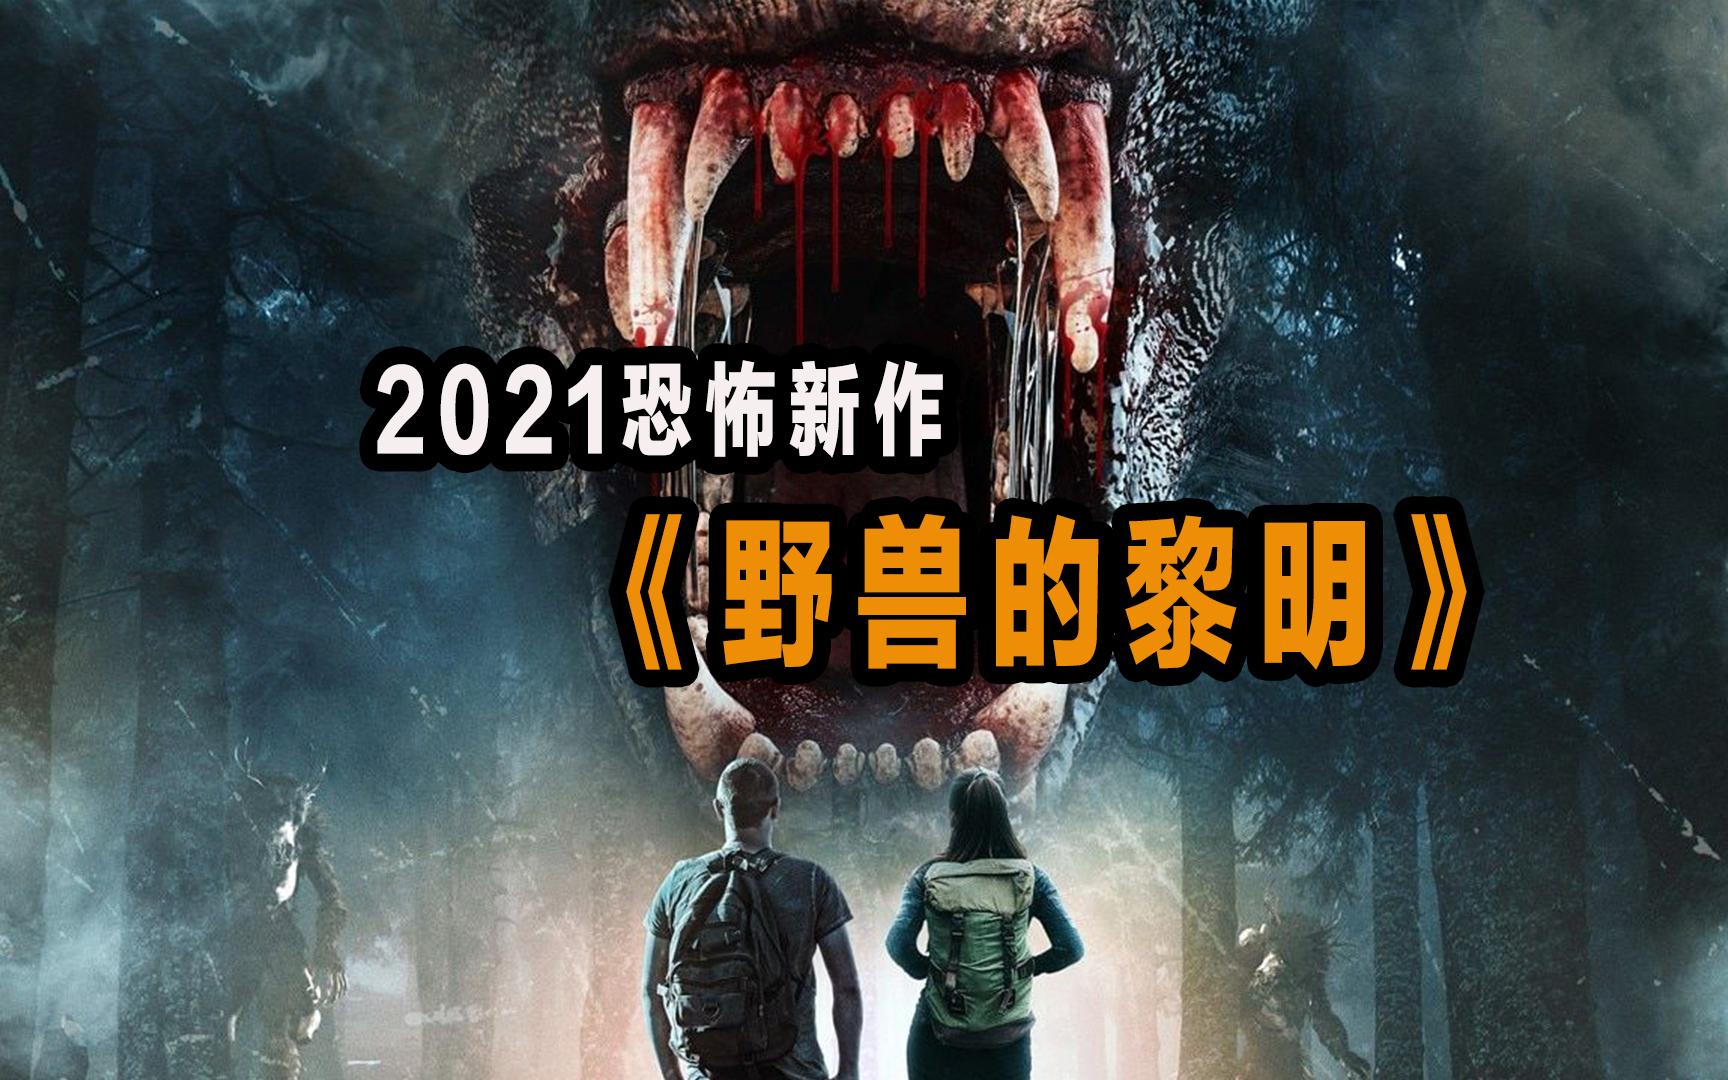 这不仅是大脚怪的真相:12分钟看完2021最新恐怖电影《野兽的黎明》